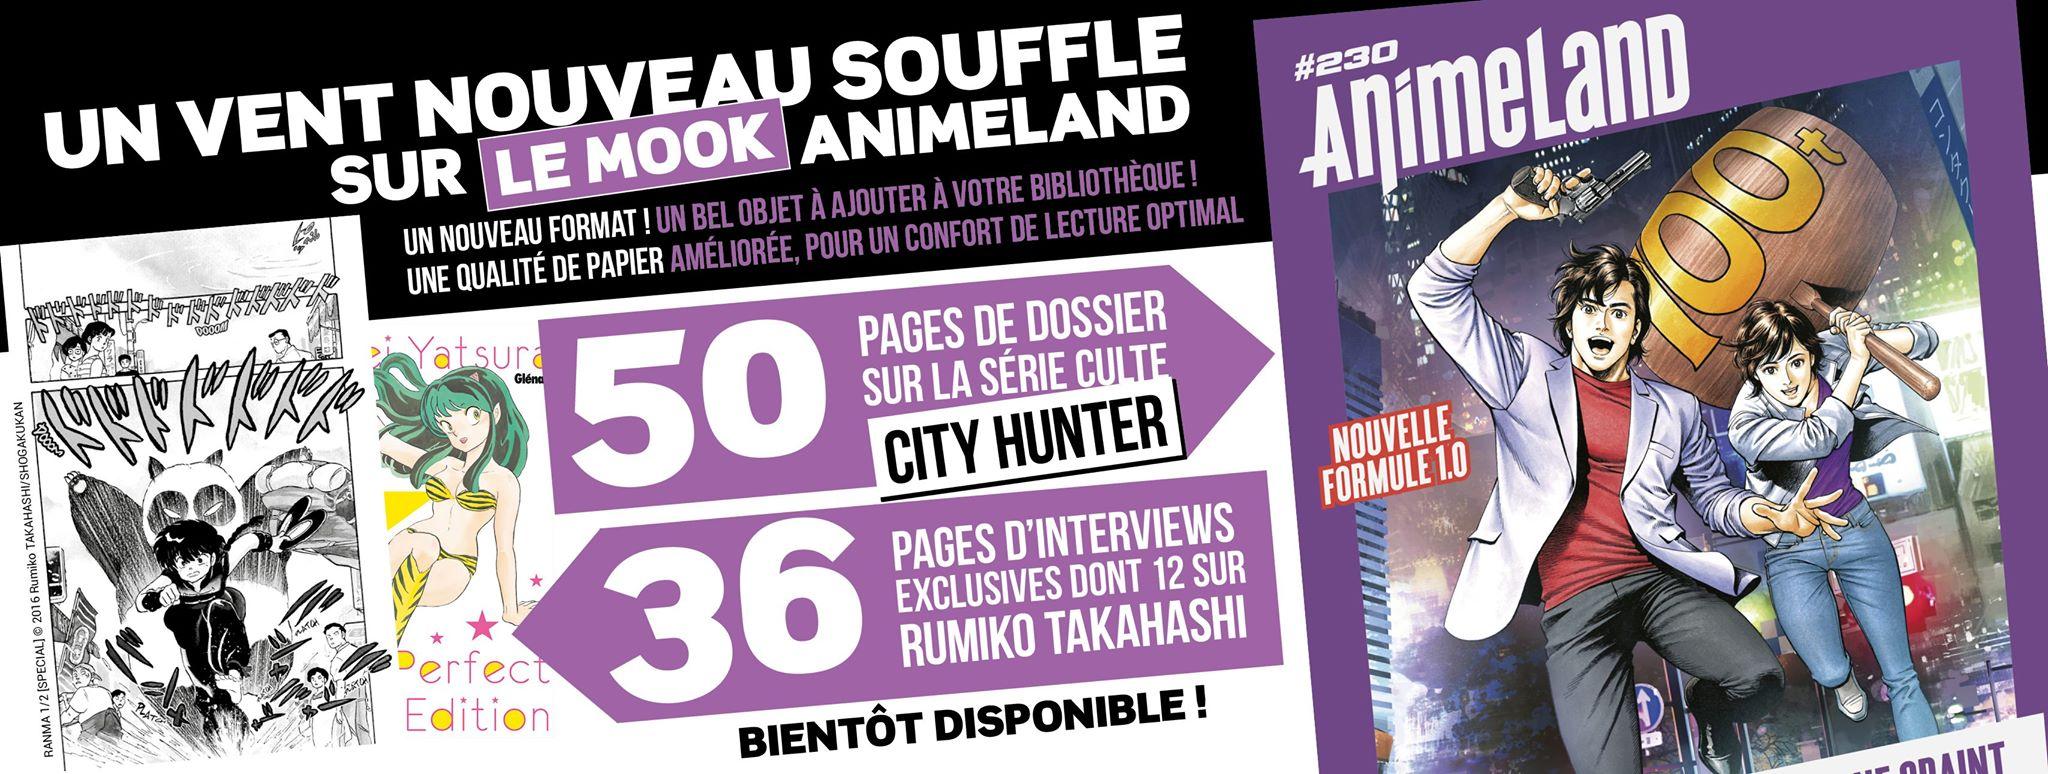 Animeland - Un nouveau format et une nouvelle formule